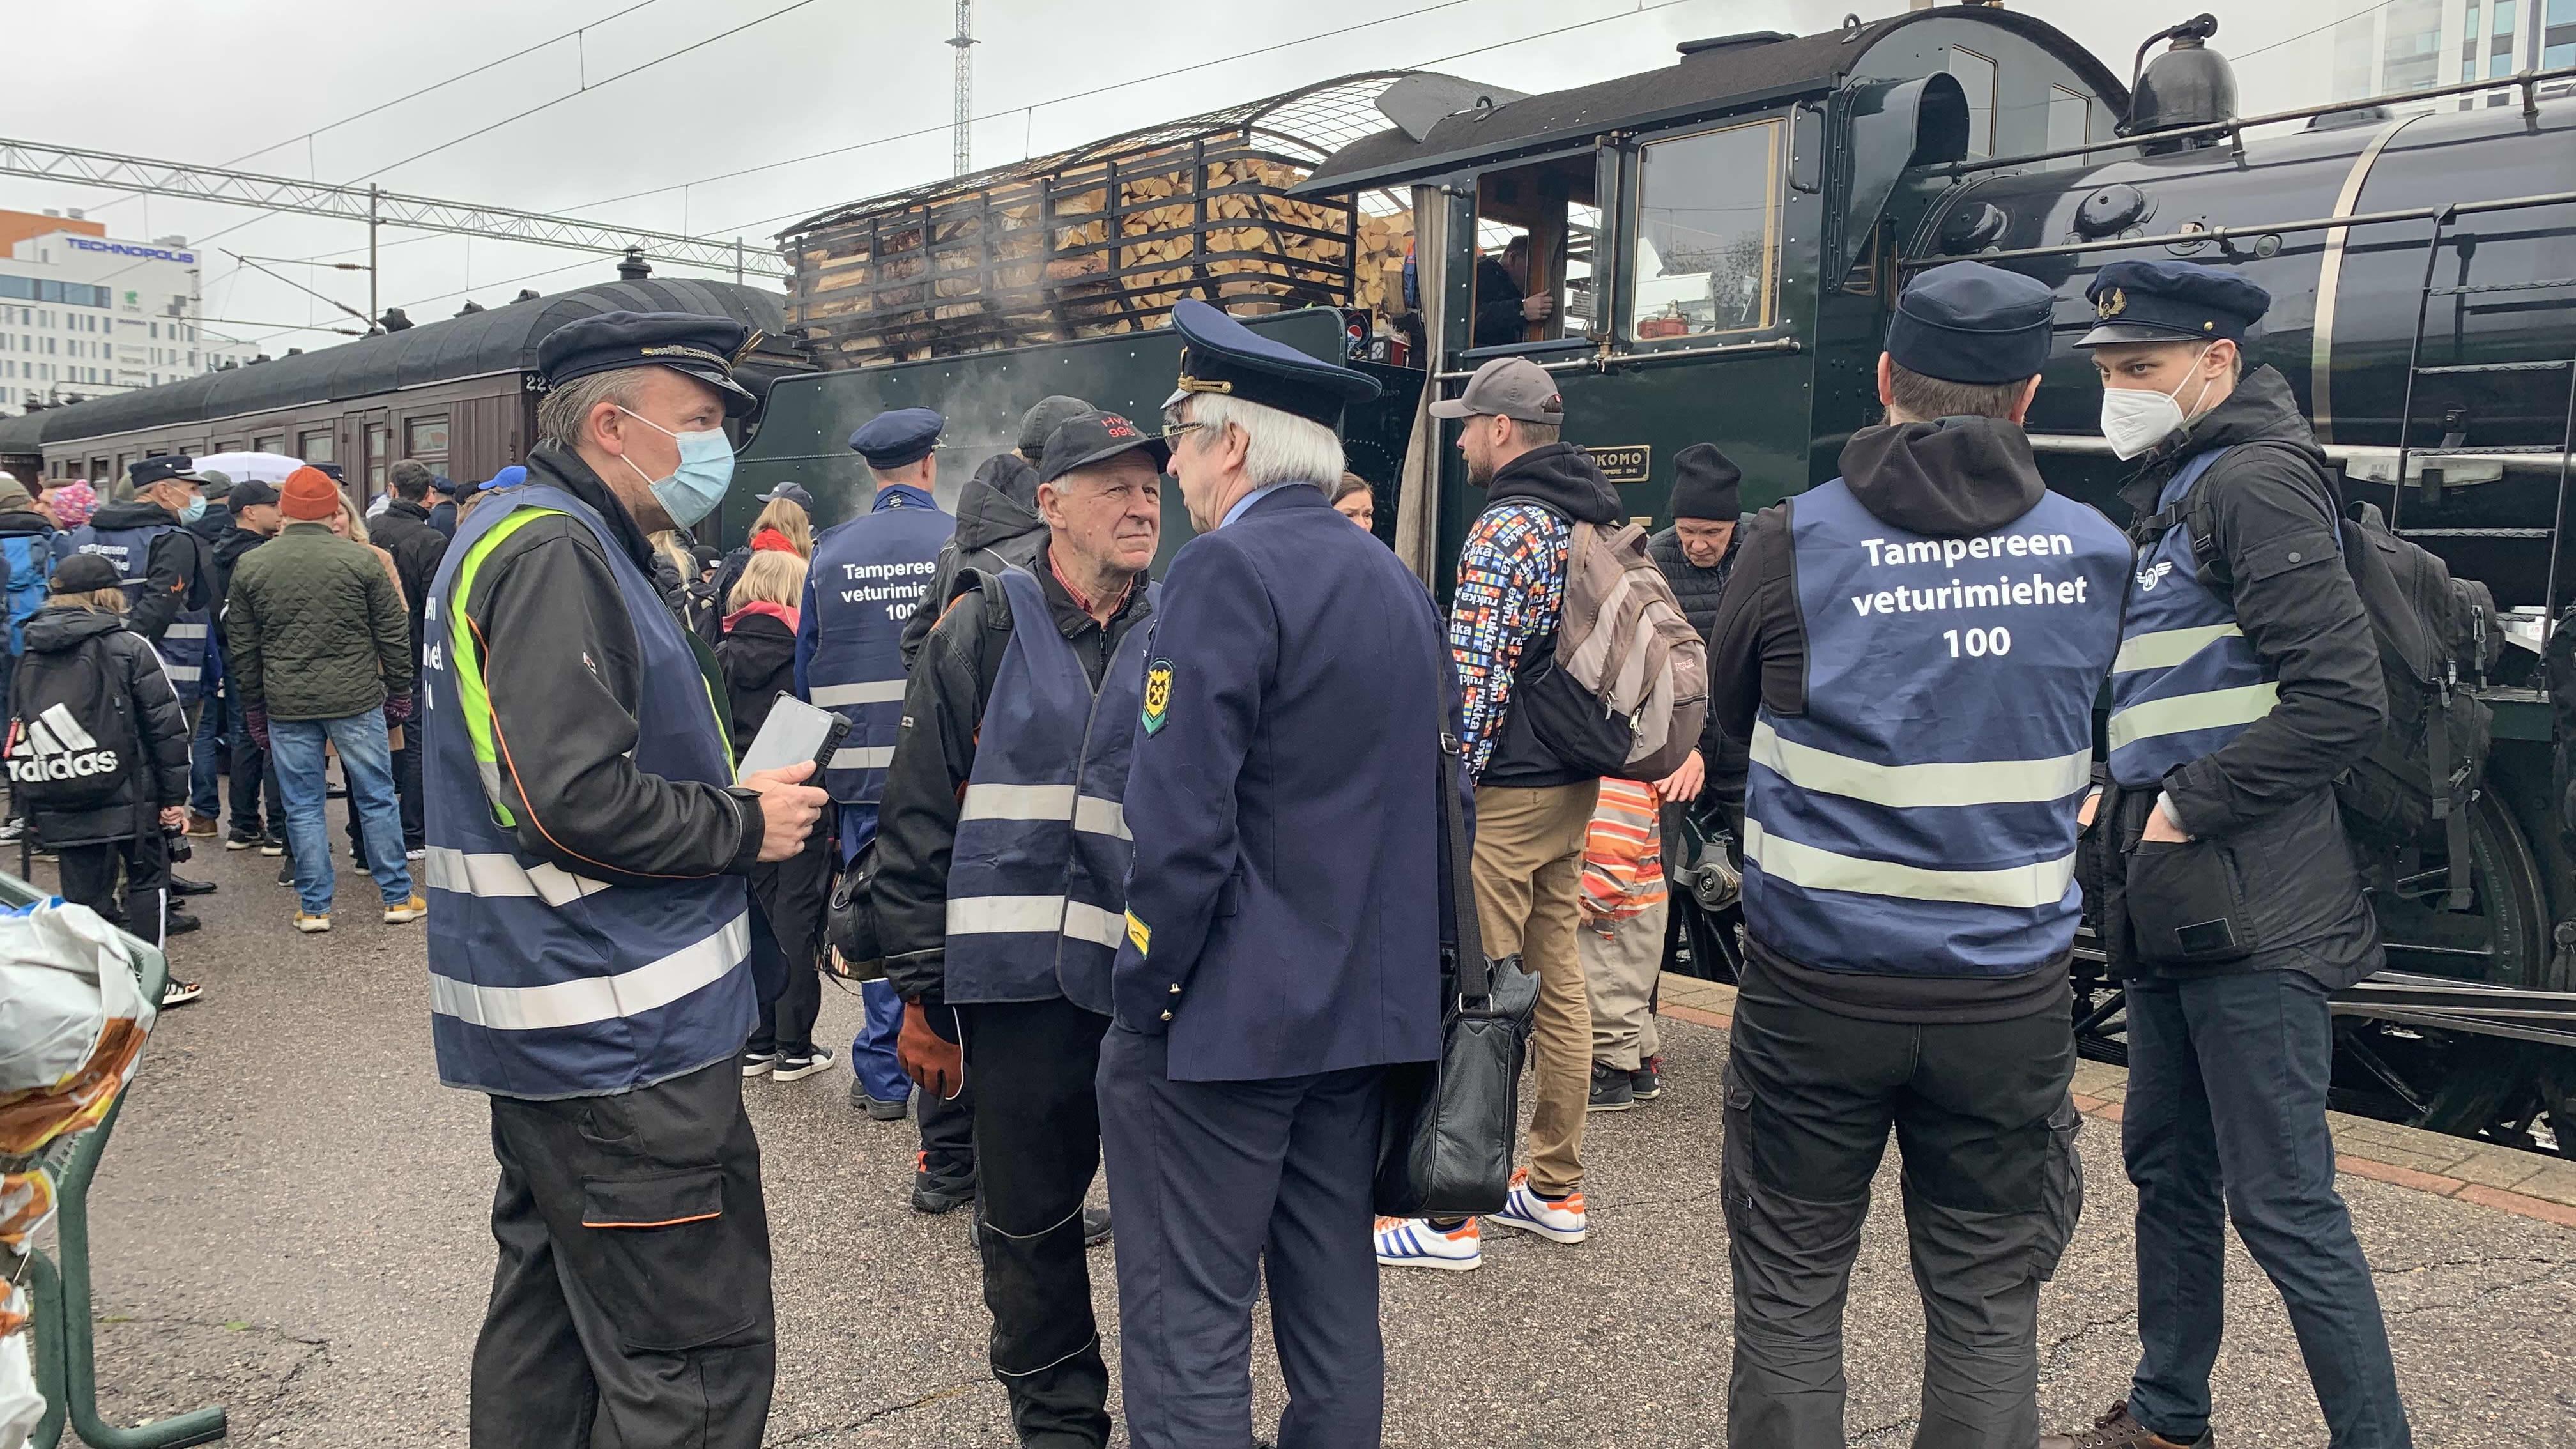 Veturinkuljettajia ja muita ihmisiä menossa höyryveturin vetämän junan kyytiin